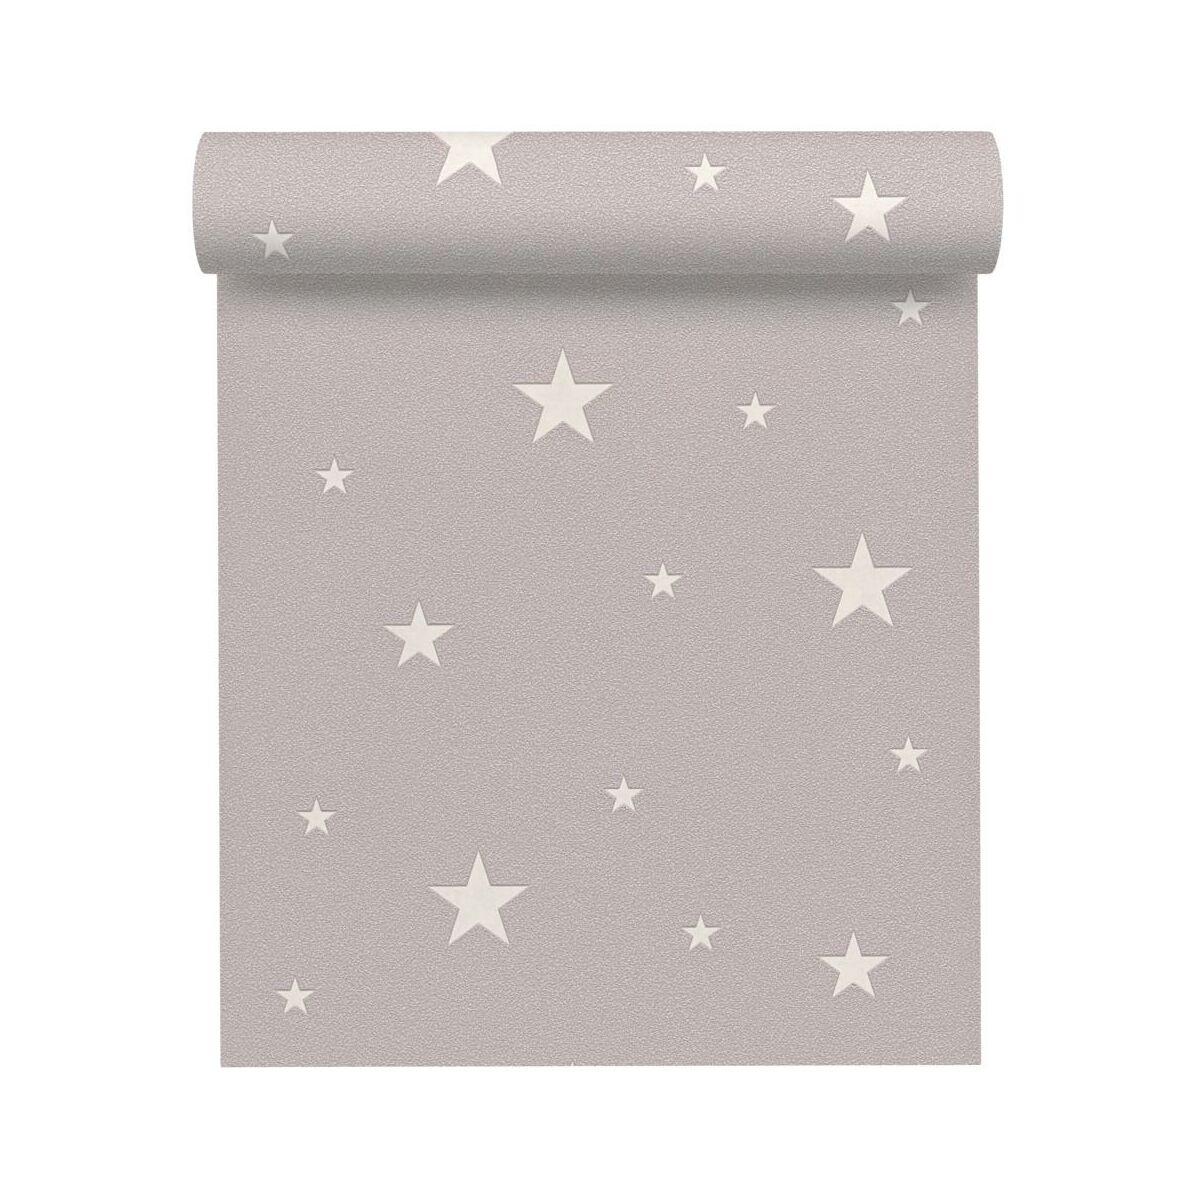 Tapeta Dla Dzieci Gwiazdy Szara Winylowa Na Flizelinie Tapety W Atrakcyjnej Cenie W Sklepach Leroy Merlin